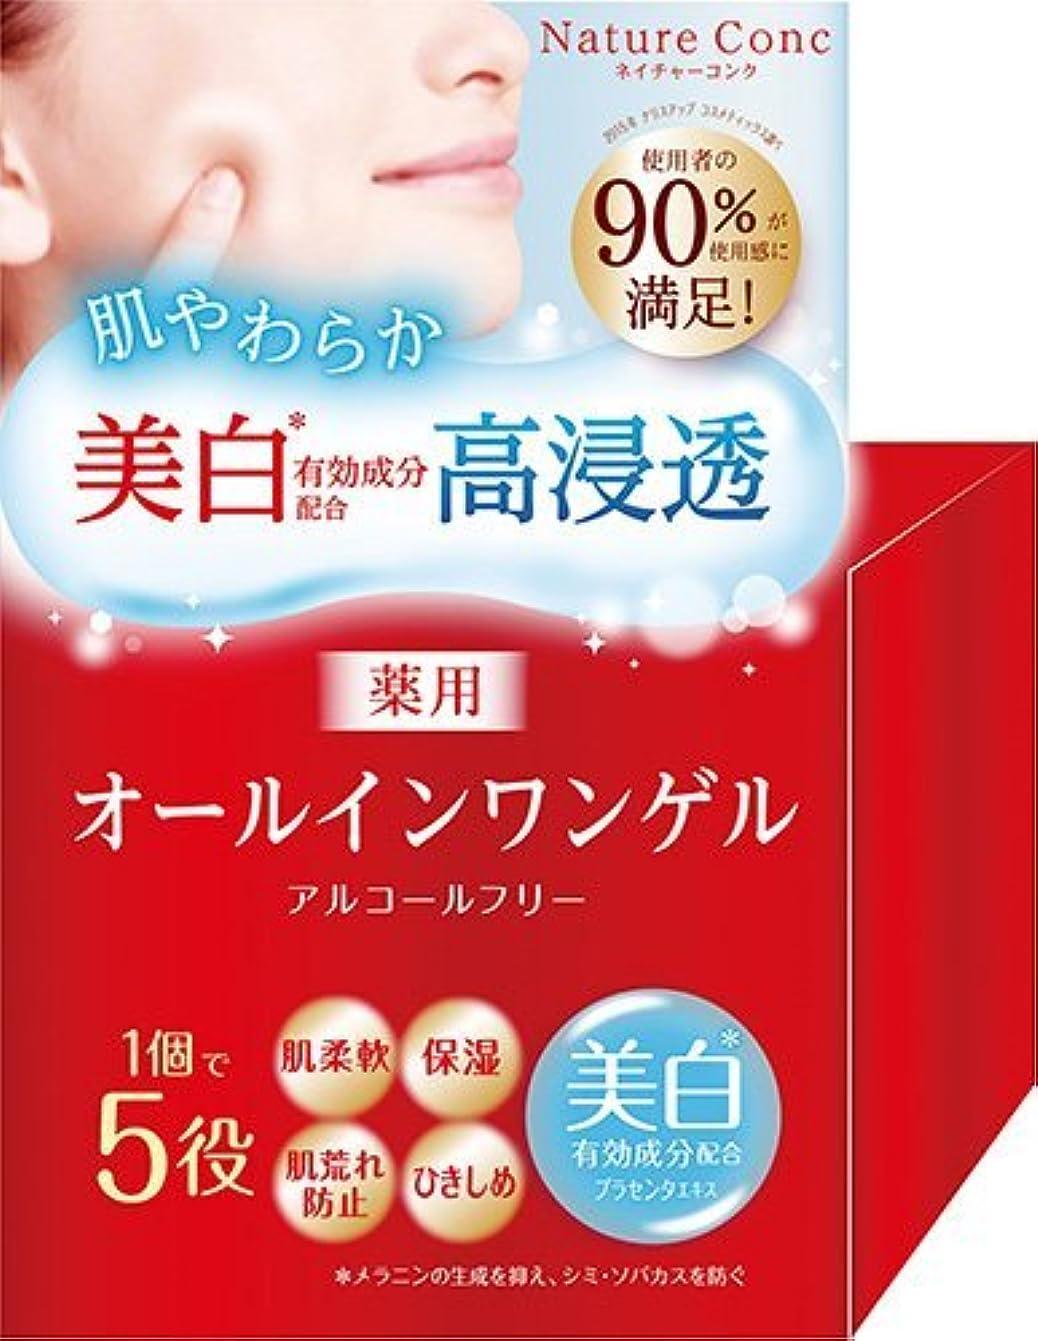 エネルギー法律ガチョウネイチャーコンク 薬用モイスチャーゲル 100g (医薬部外品)